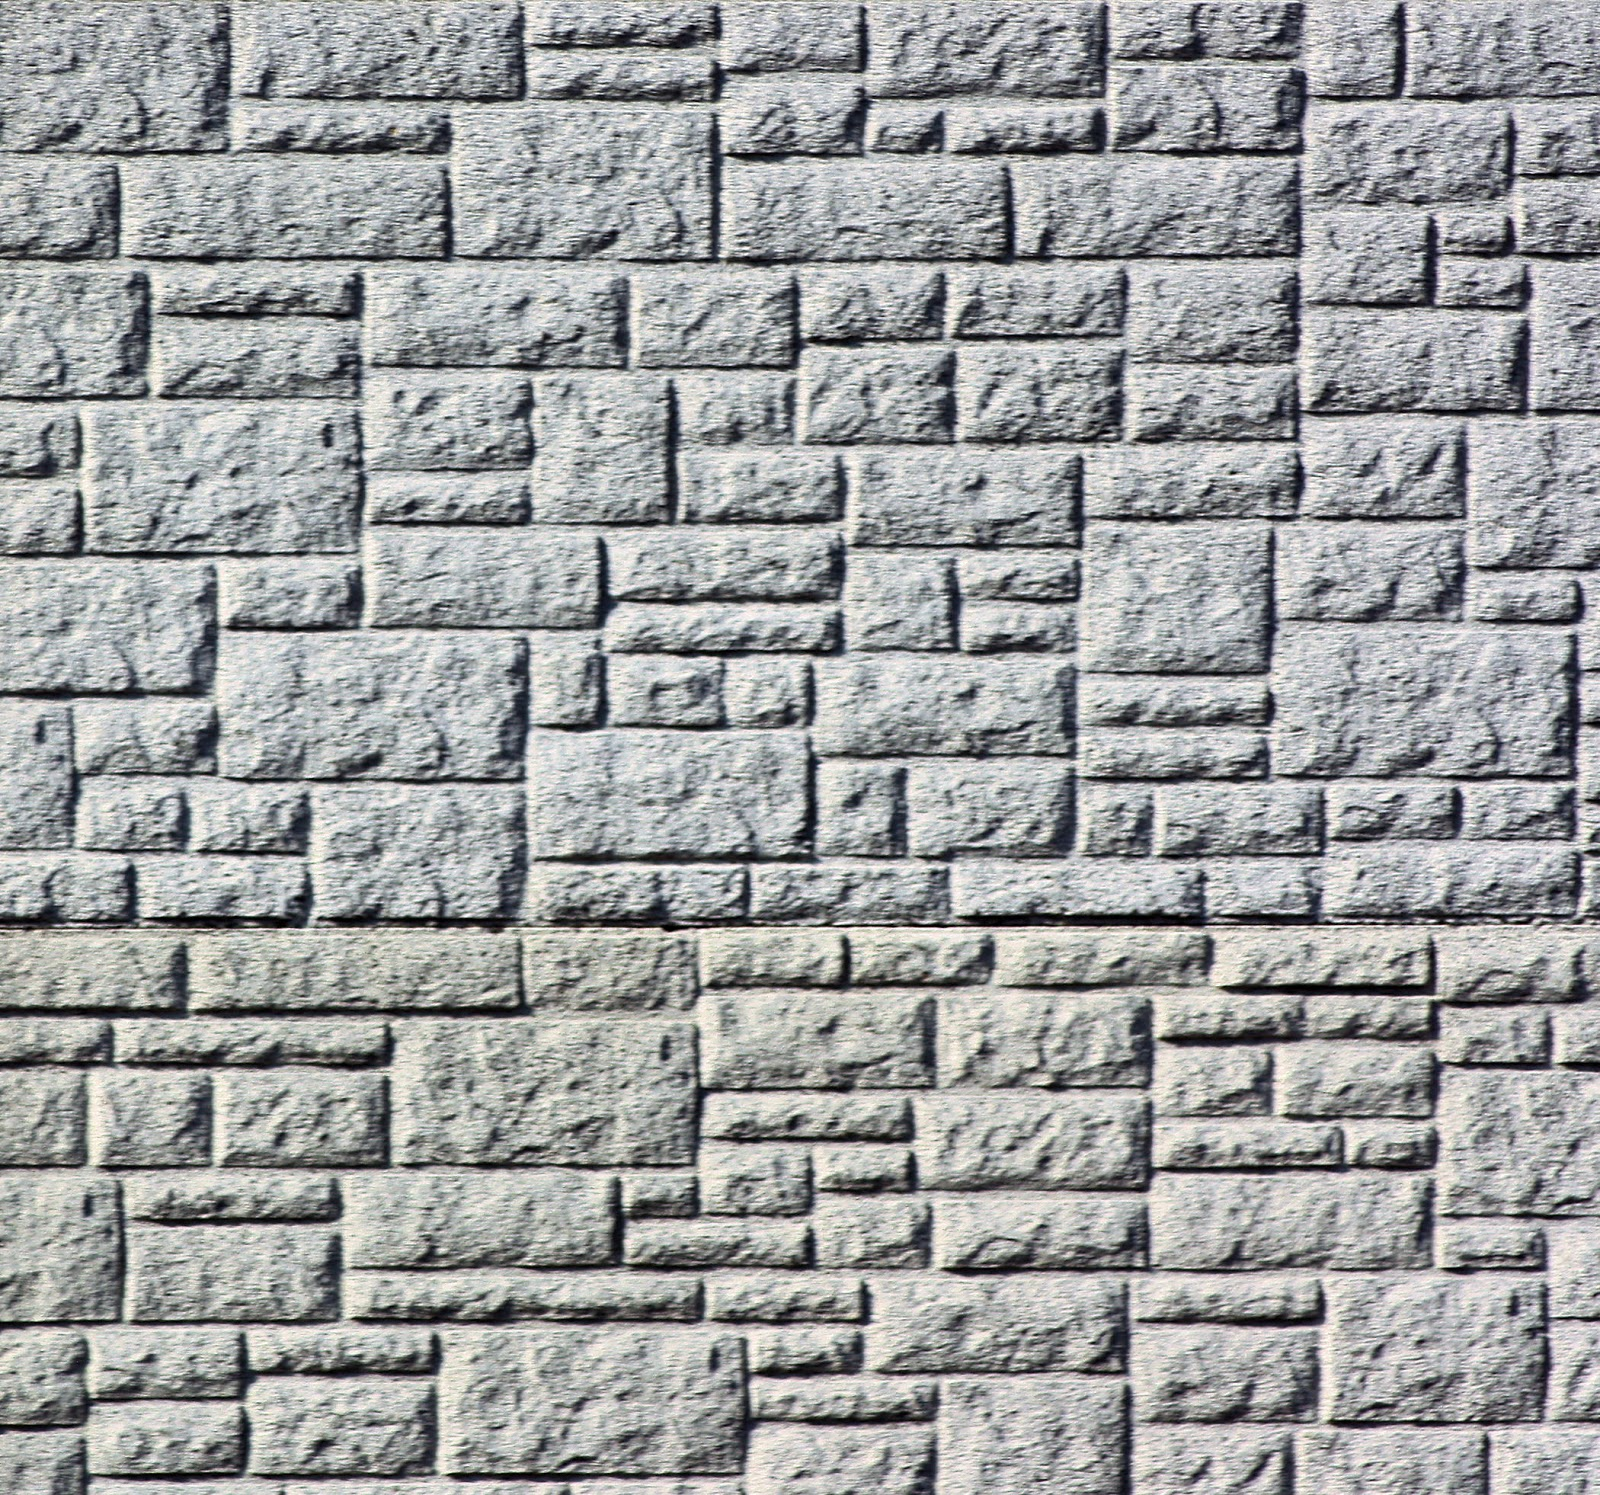 patterns on brick walls - photo #27